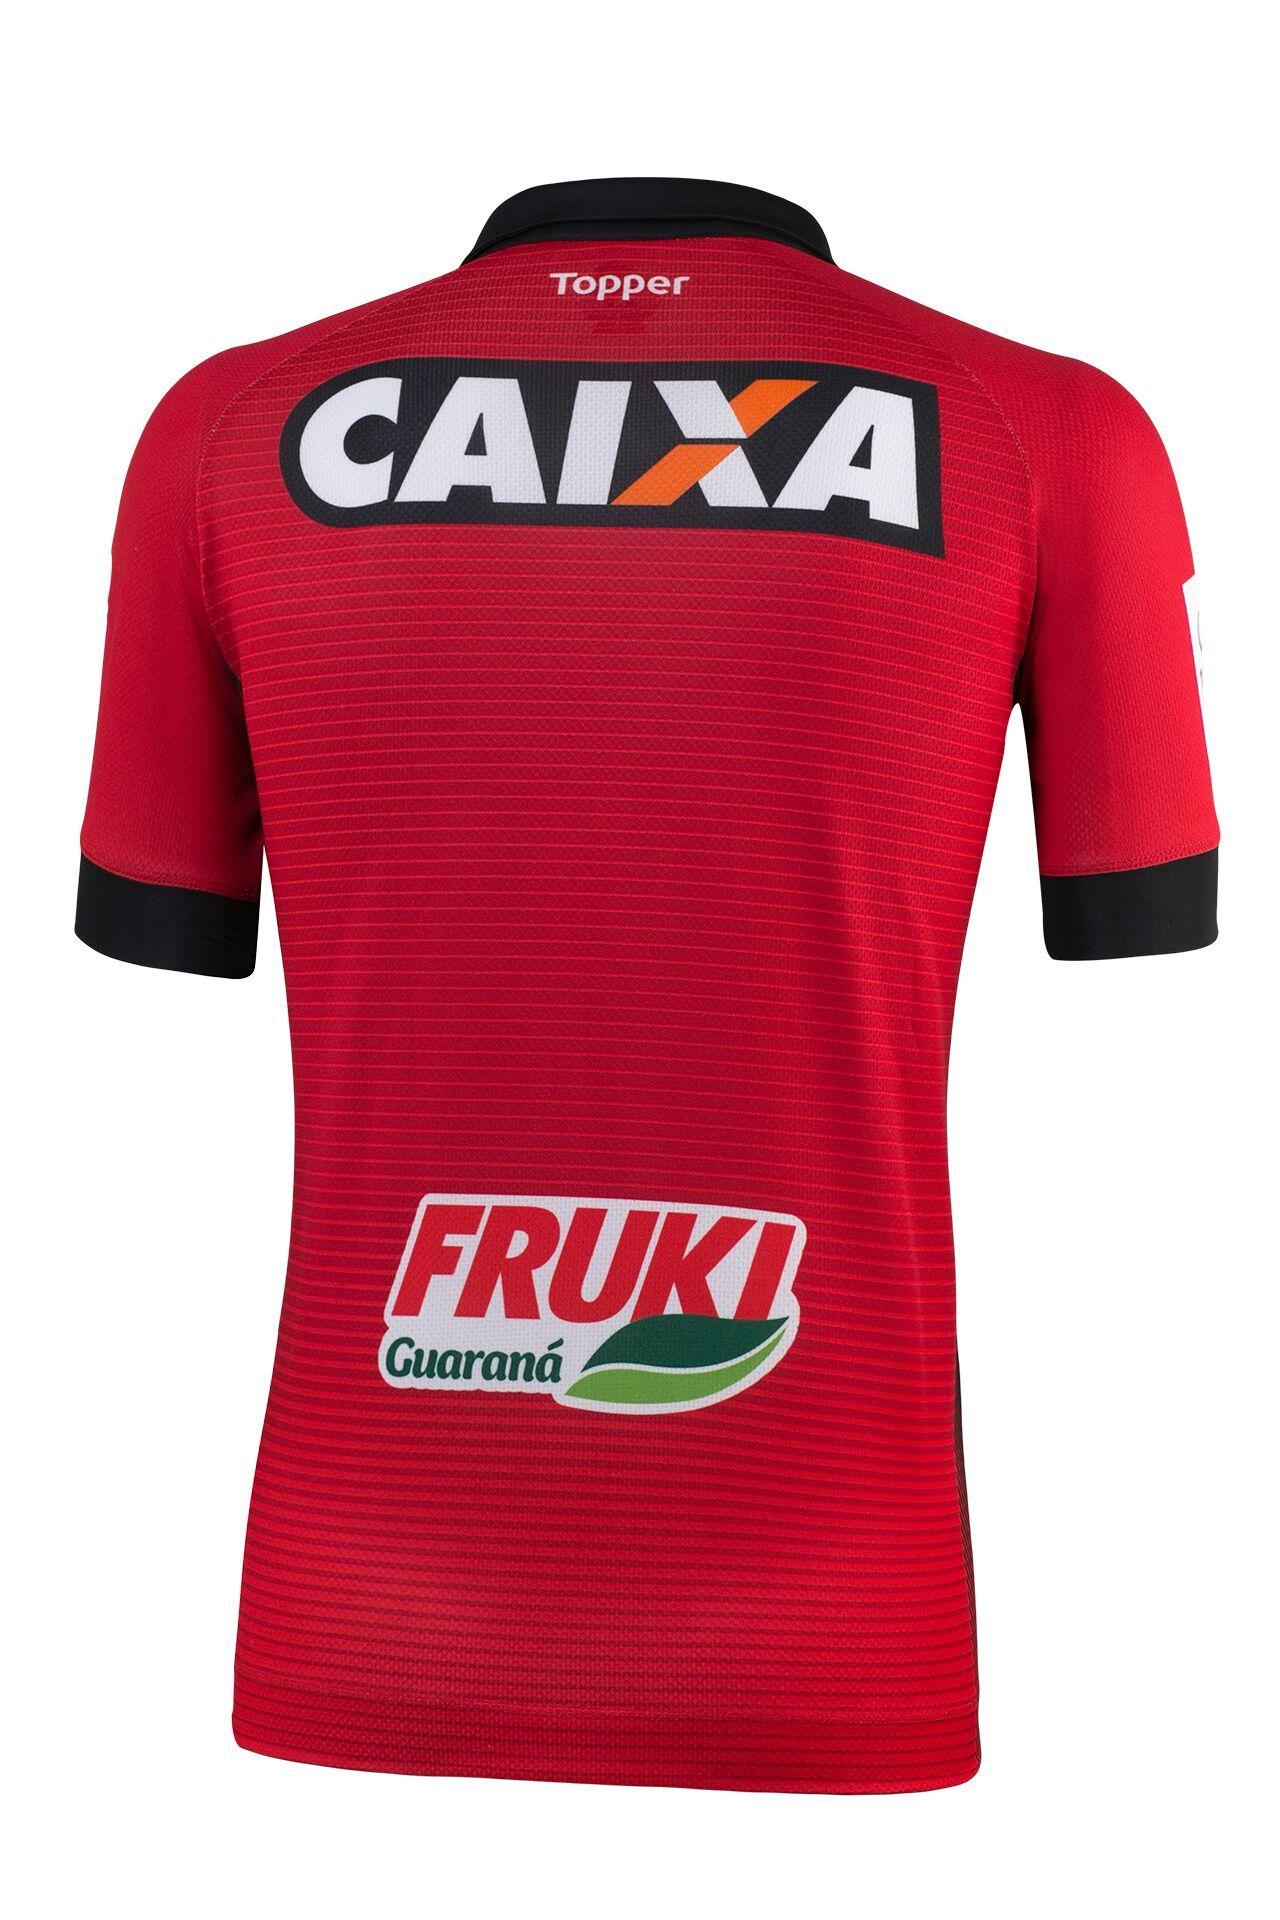 Barcelona lançará a  camisa mais polêmica de todos os tempos ... 95c9b03c18f6d